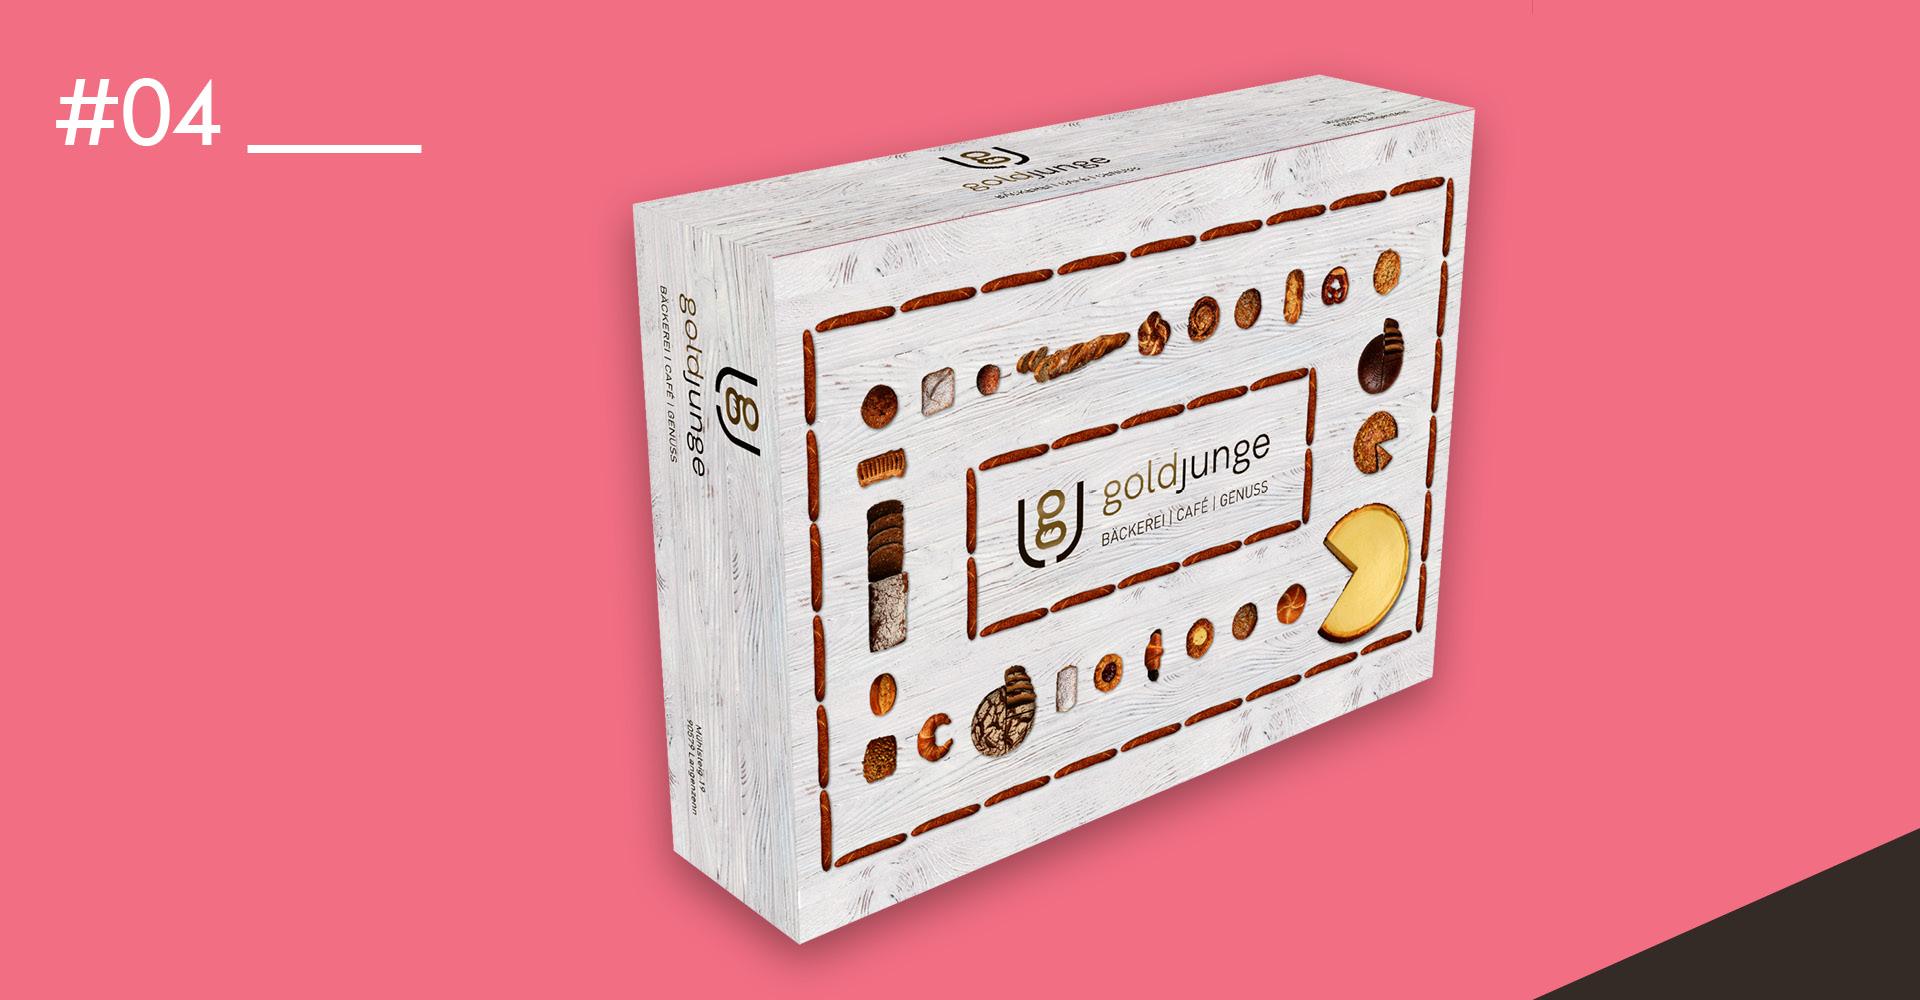 OPUS Marketing / Food & Beverage / Packaging Krapfenbox